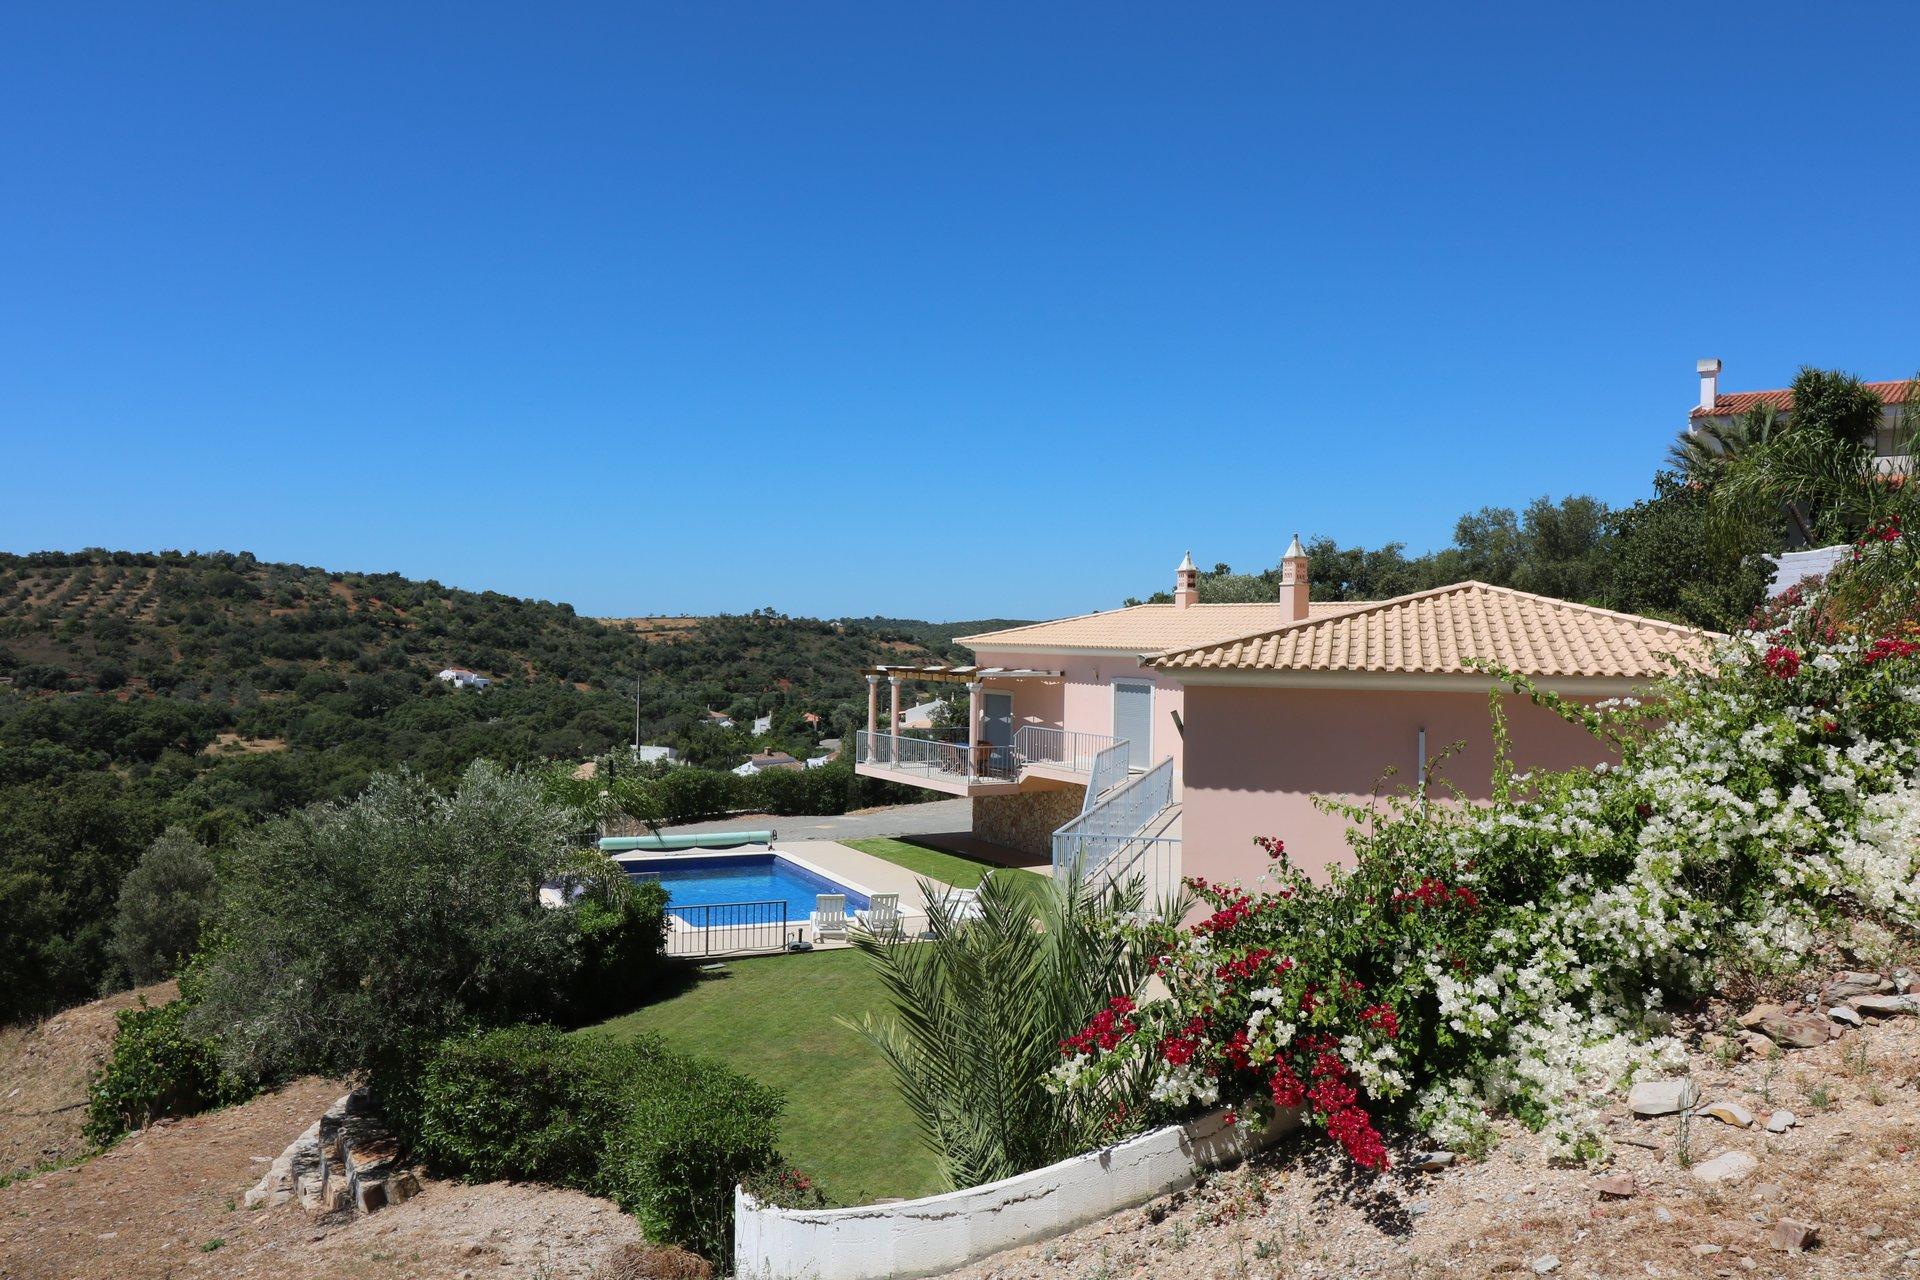 3 Bedroom Villa Sao Bras de Alportel, Central Algarve Ref: JV10359